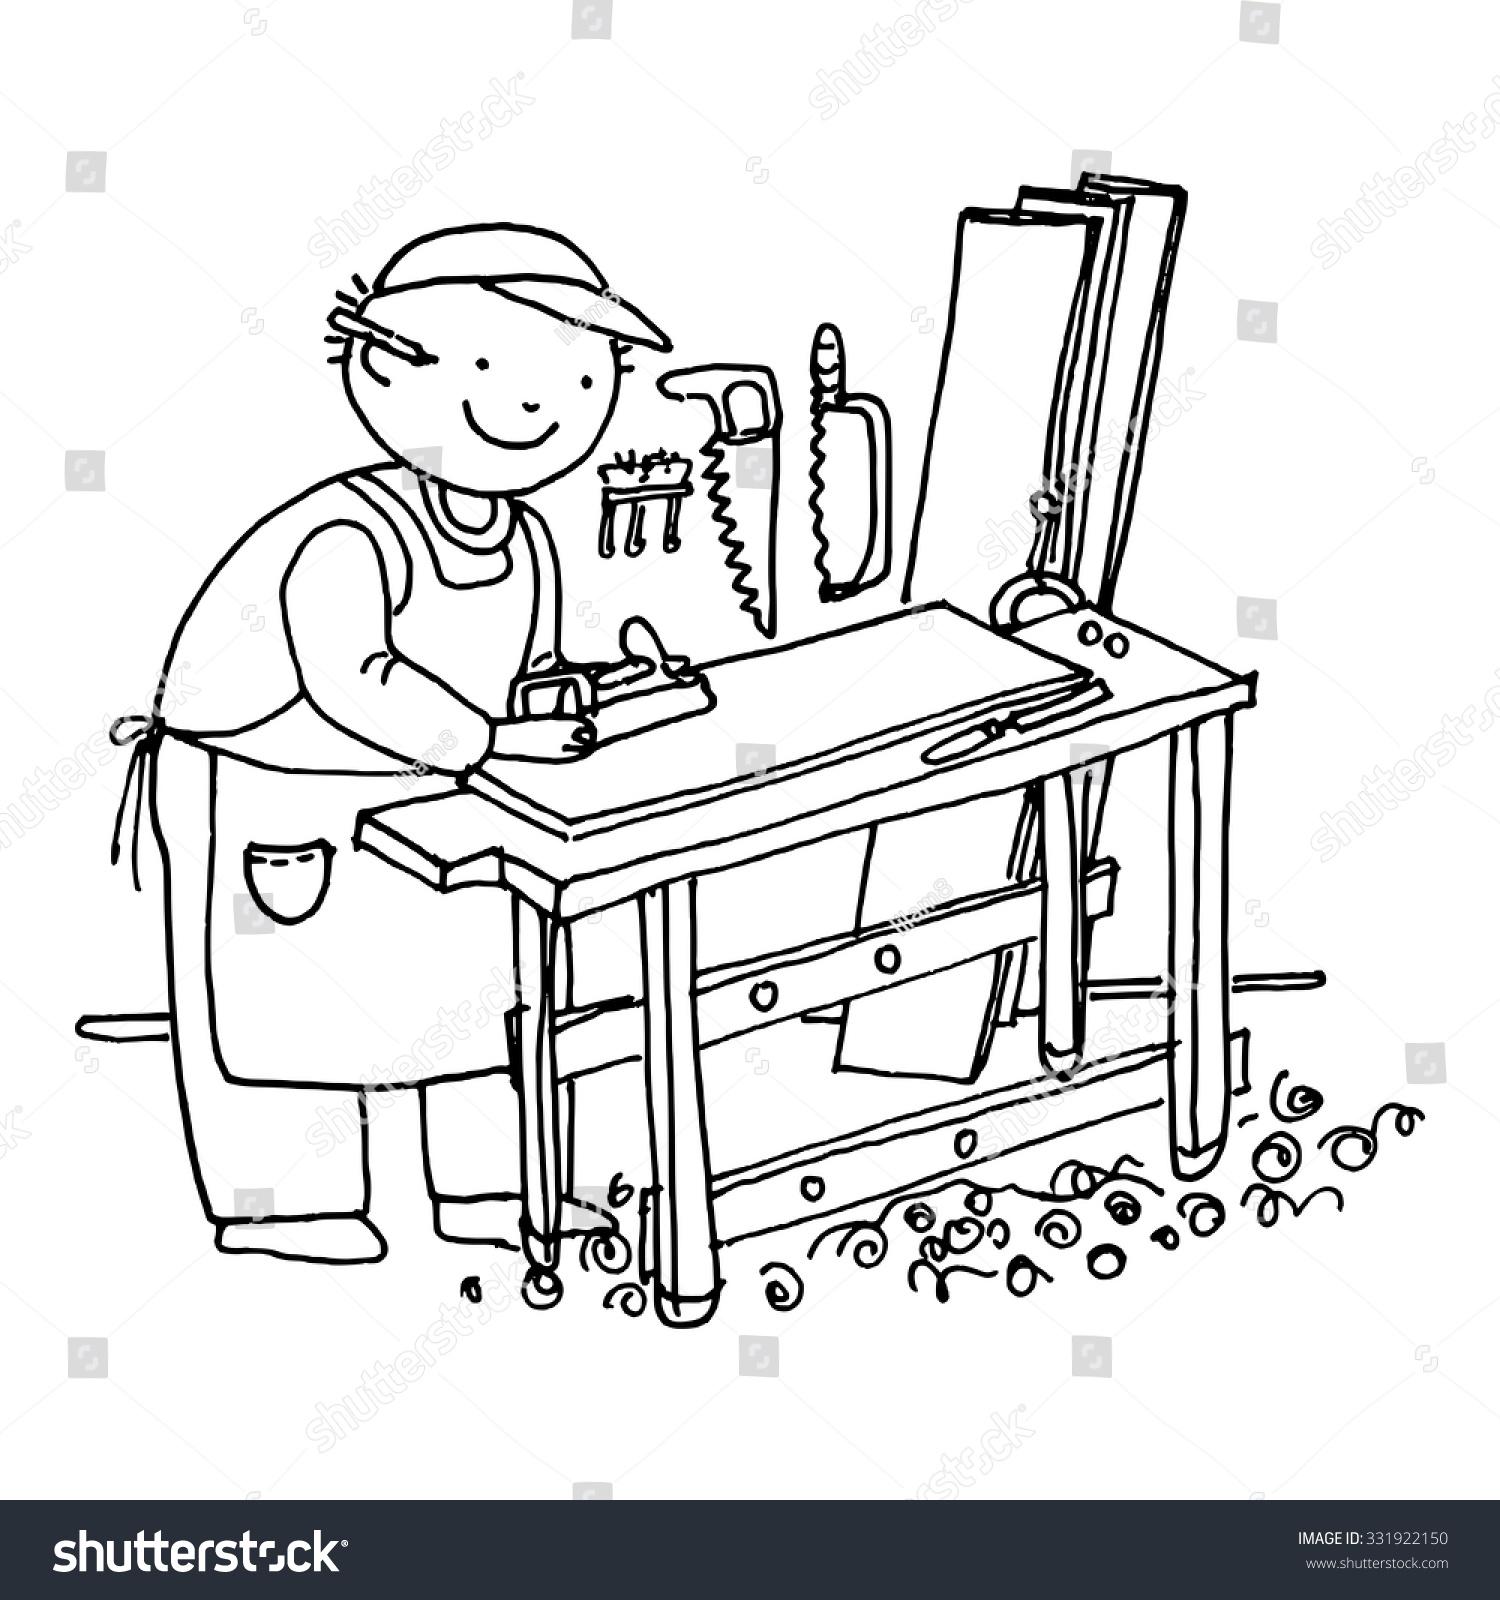 carpenter cabinetmaker hand drawn doodle vector stock. Black Bedroom Furniture Sets. Home Design Ideas